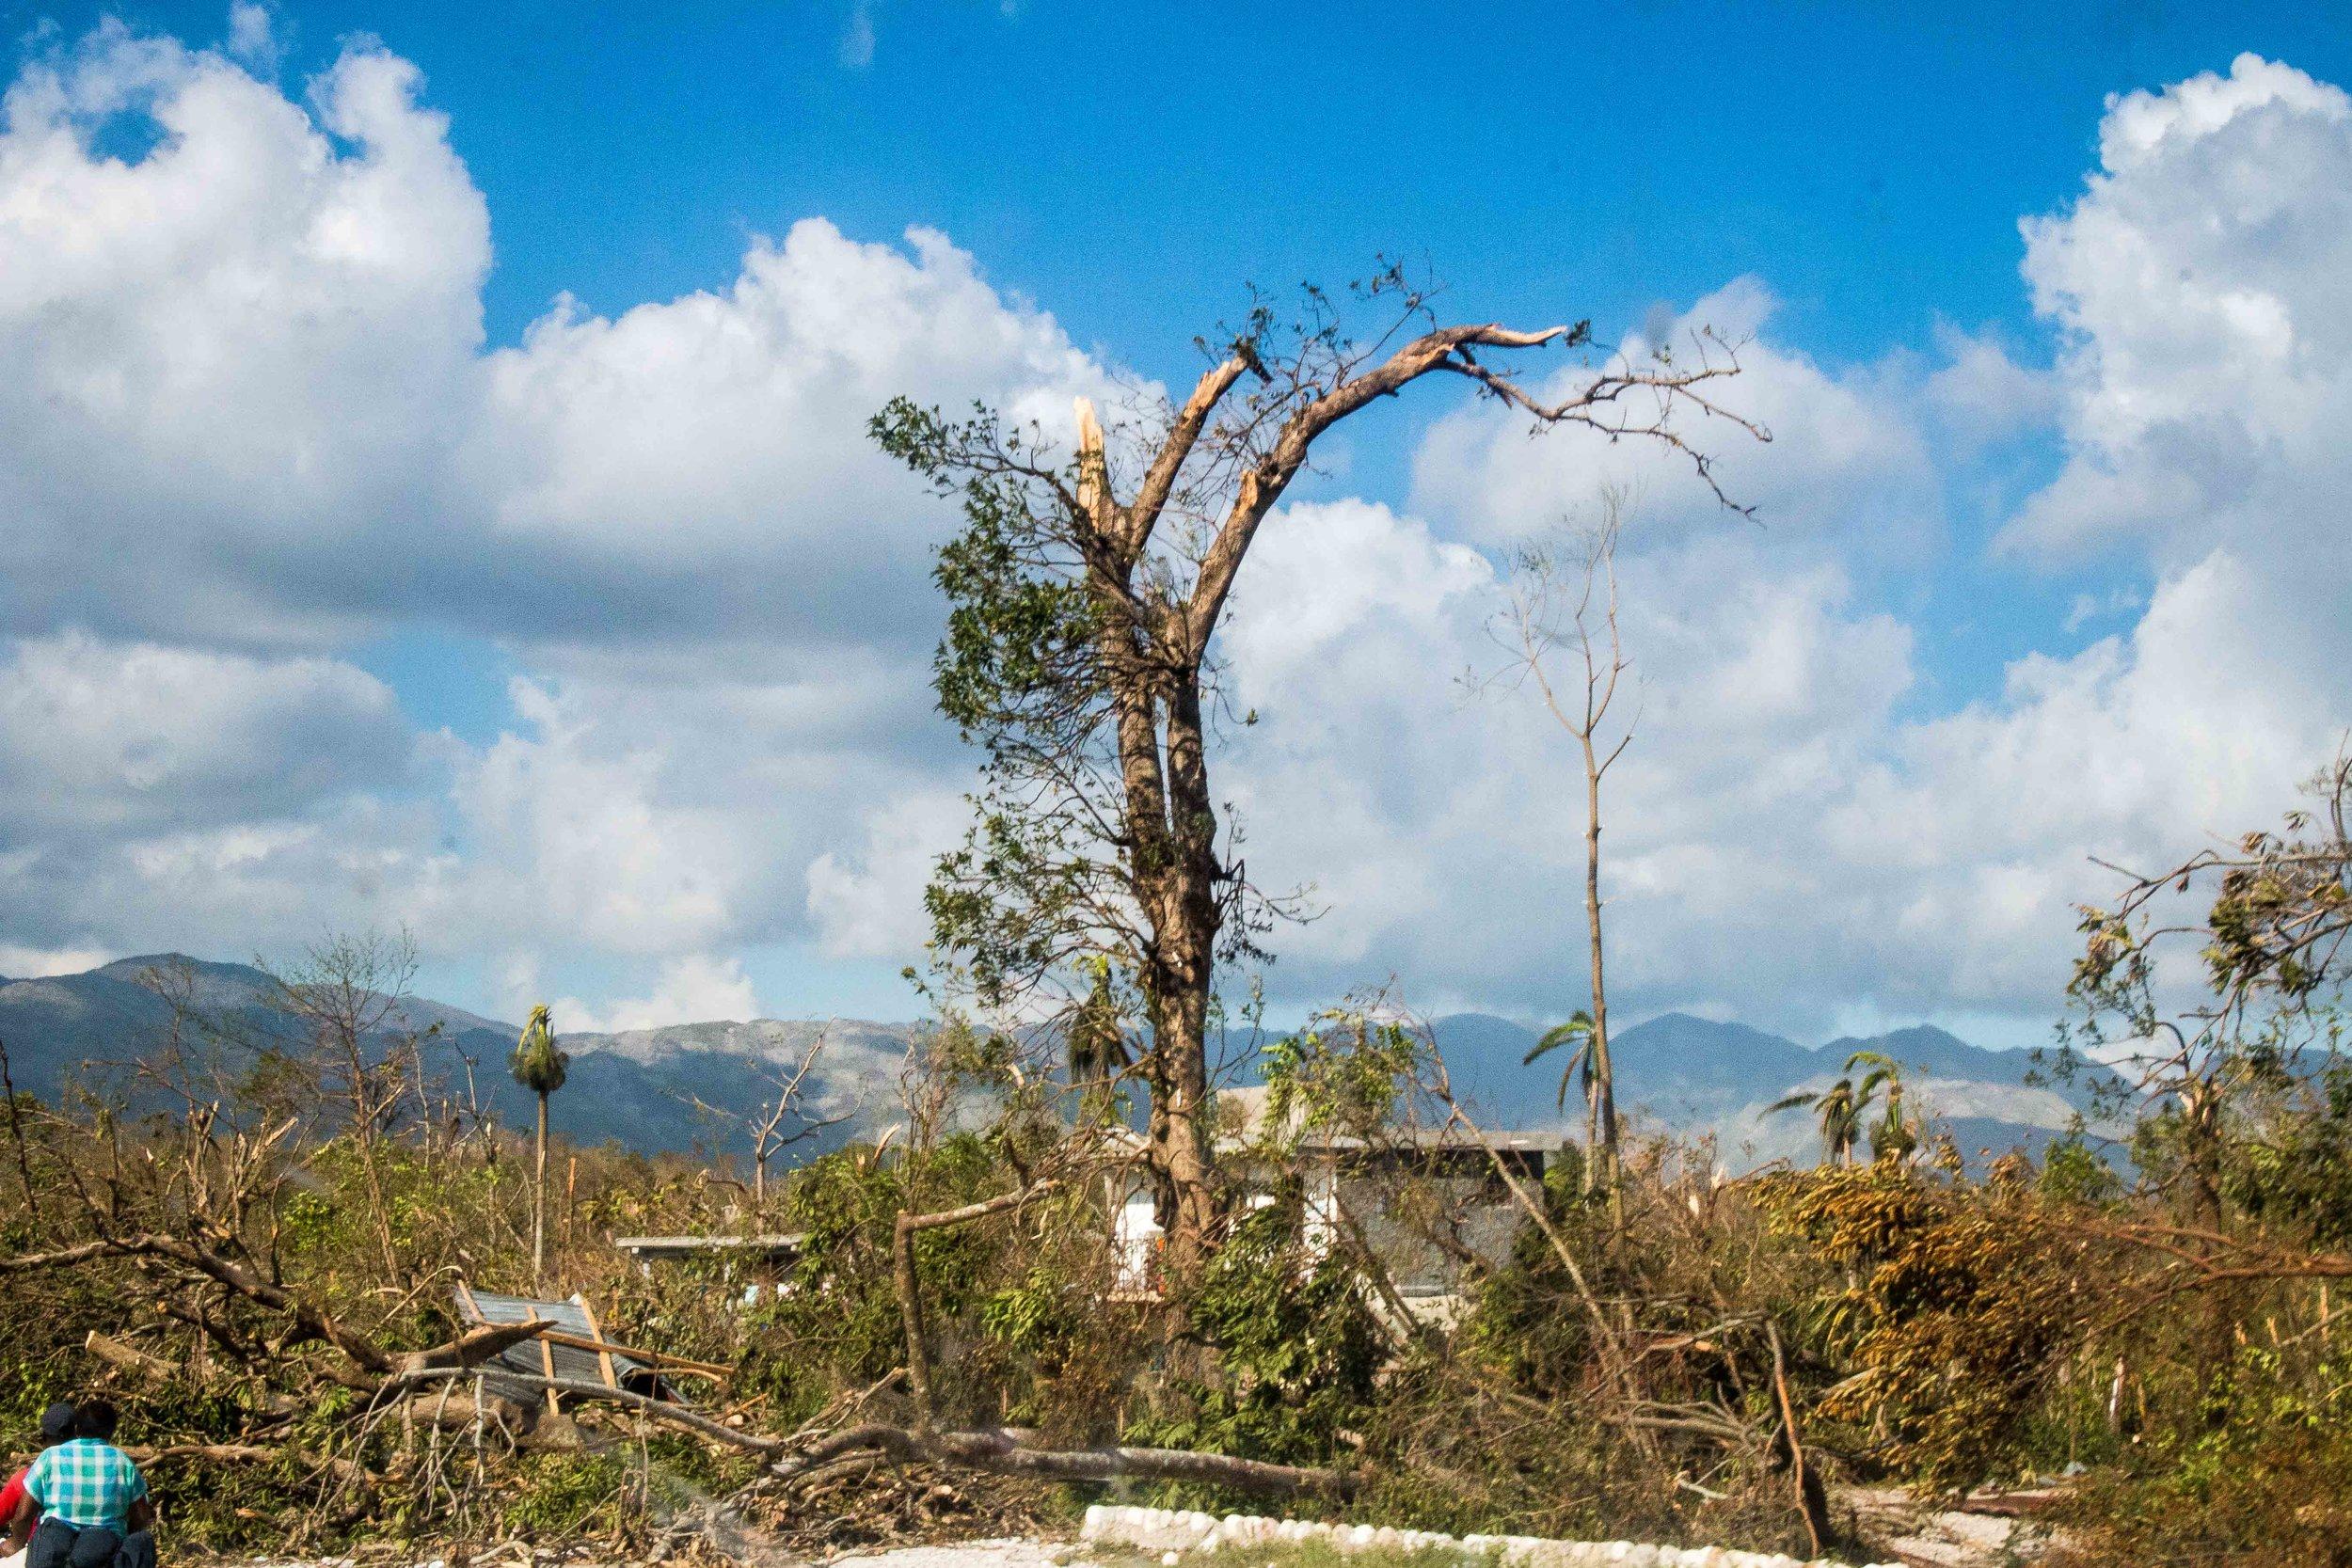 Haiti Relief Update